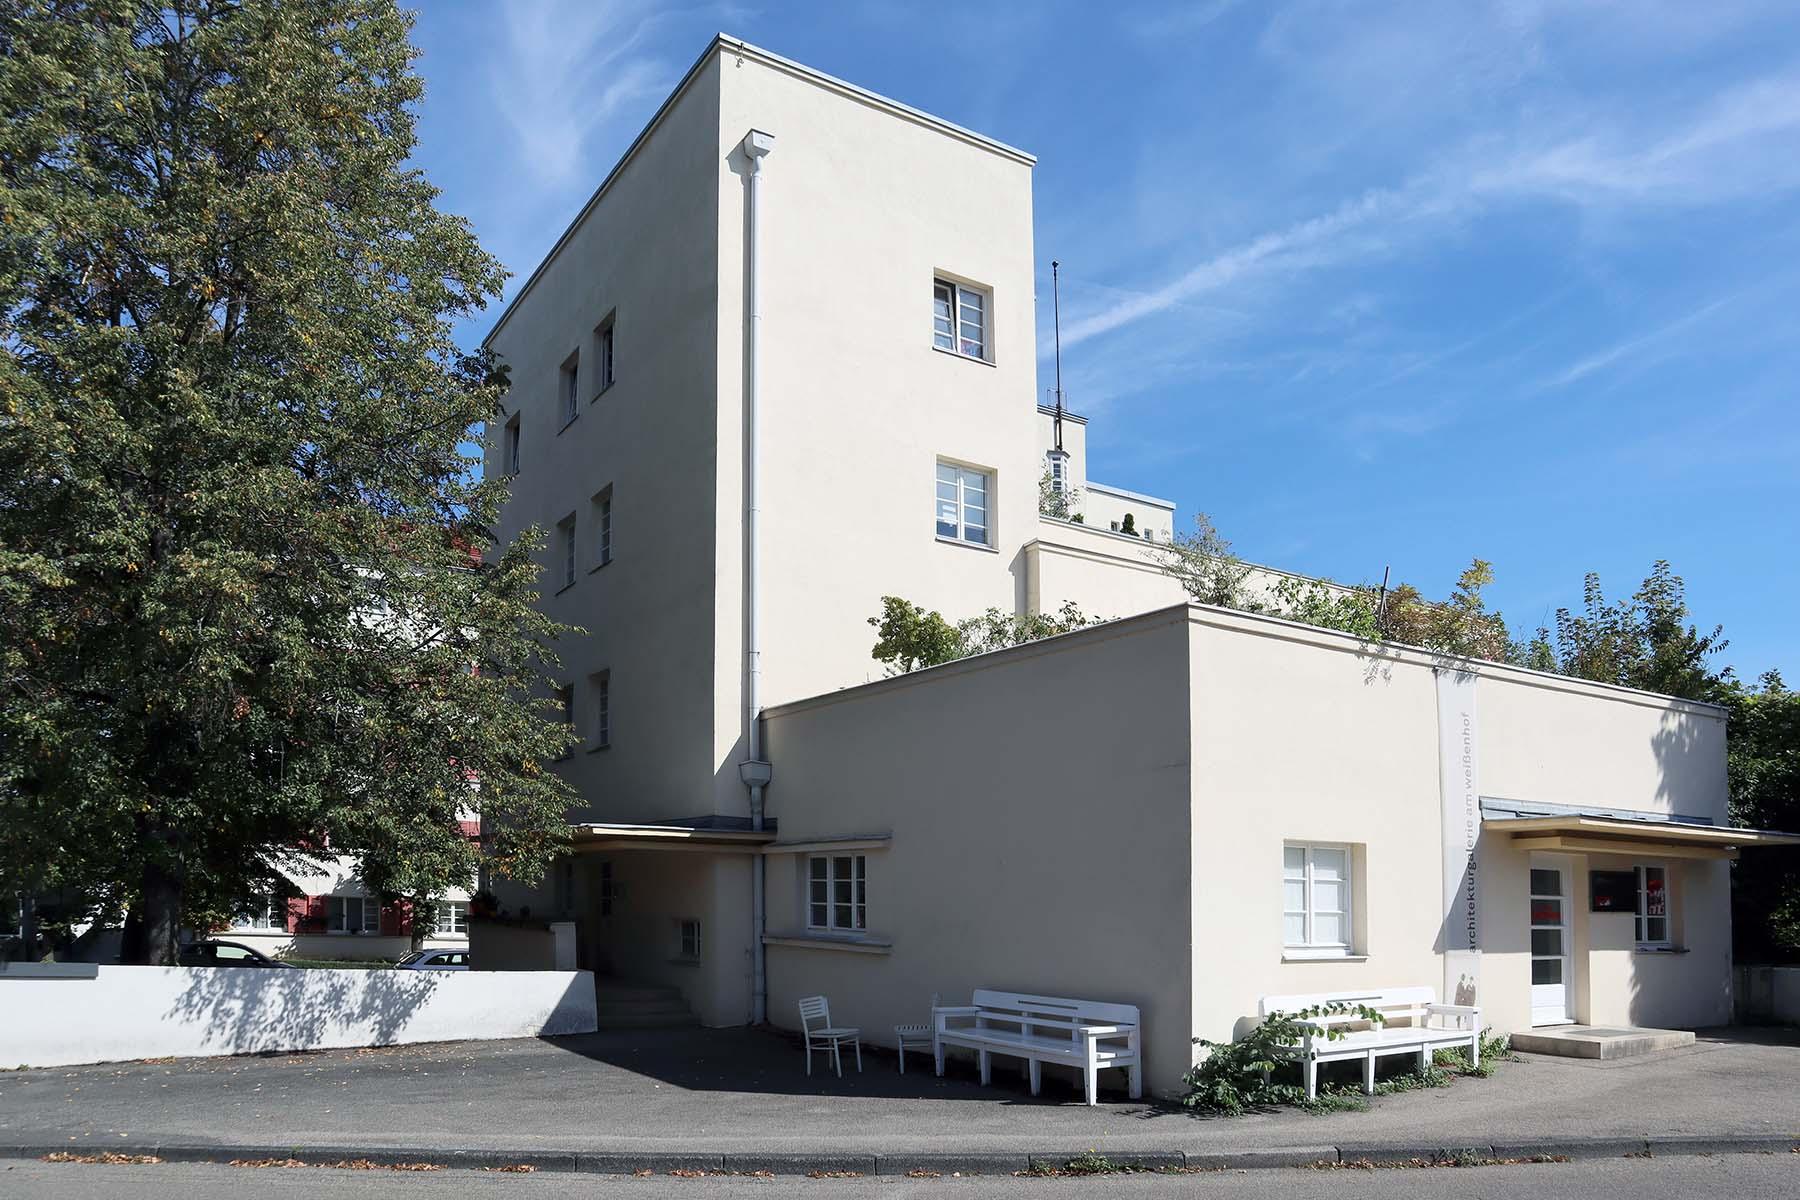 Weissenhofsiedlung. Terrassenhaus von Peter Behrens. Am Weißenhof 30–32, Hölzelweg 5.